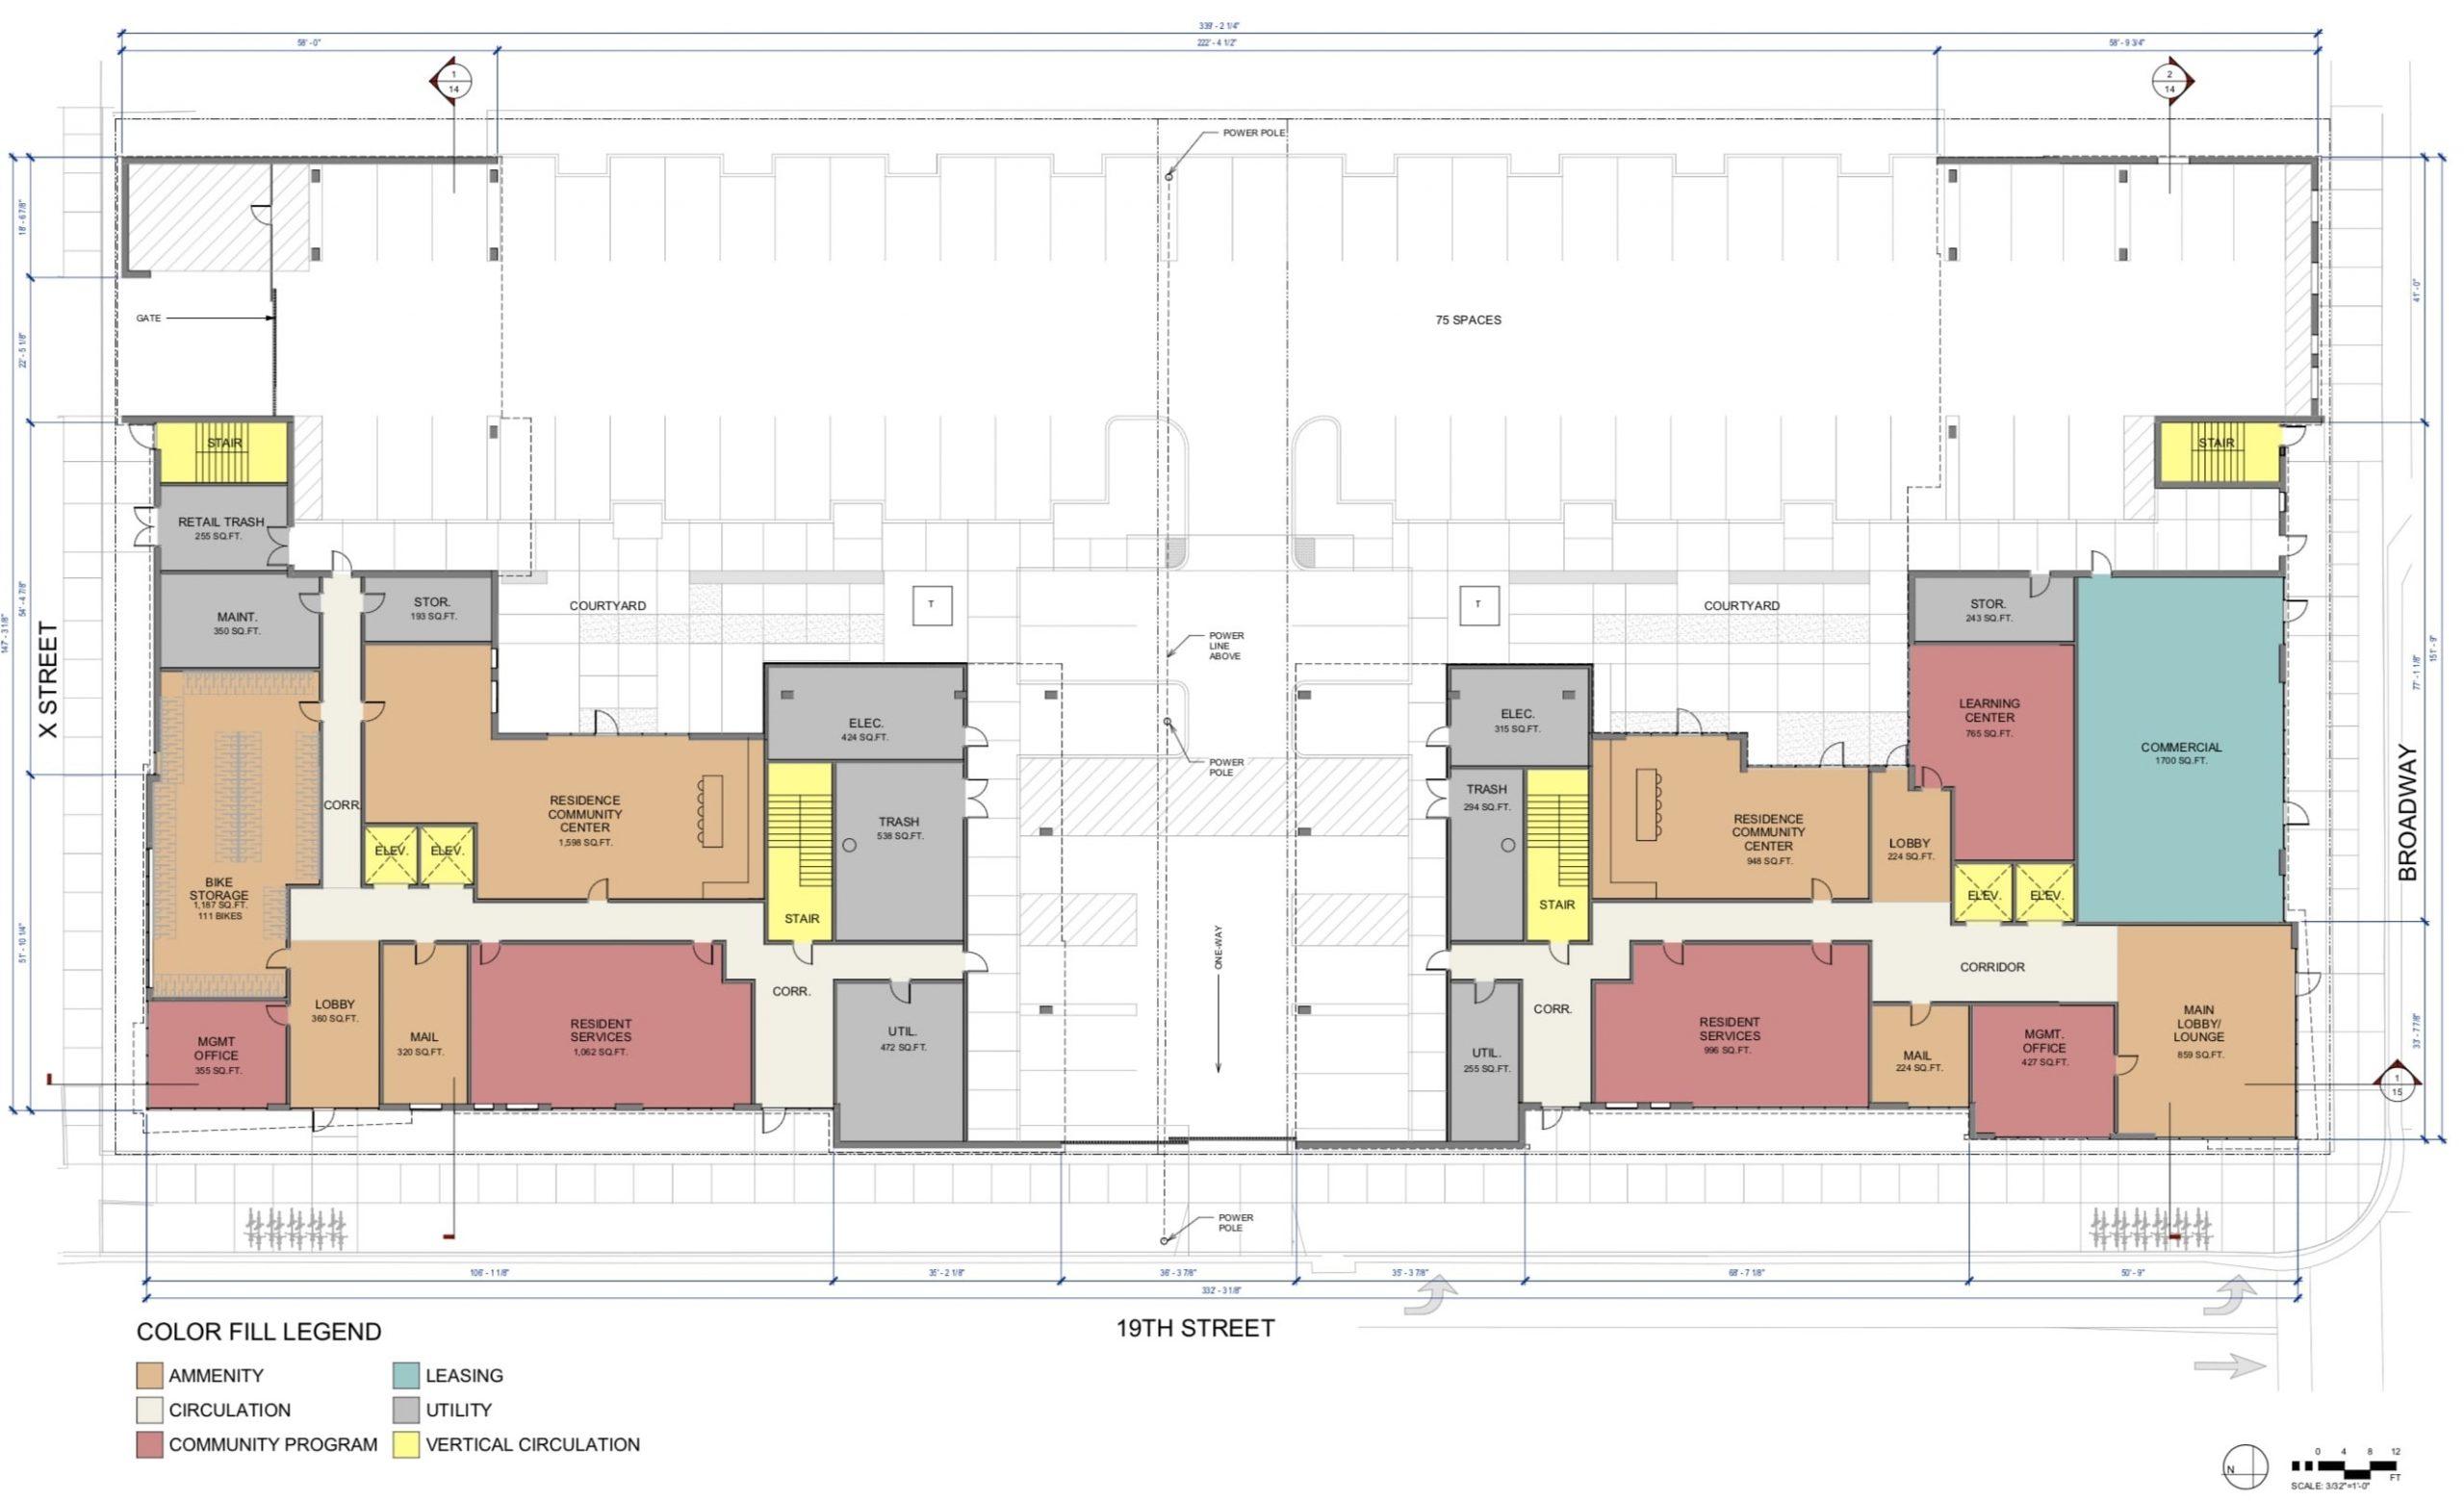 1901 Broadway Floor Plan Level 1